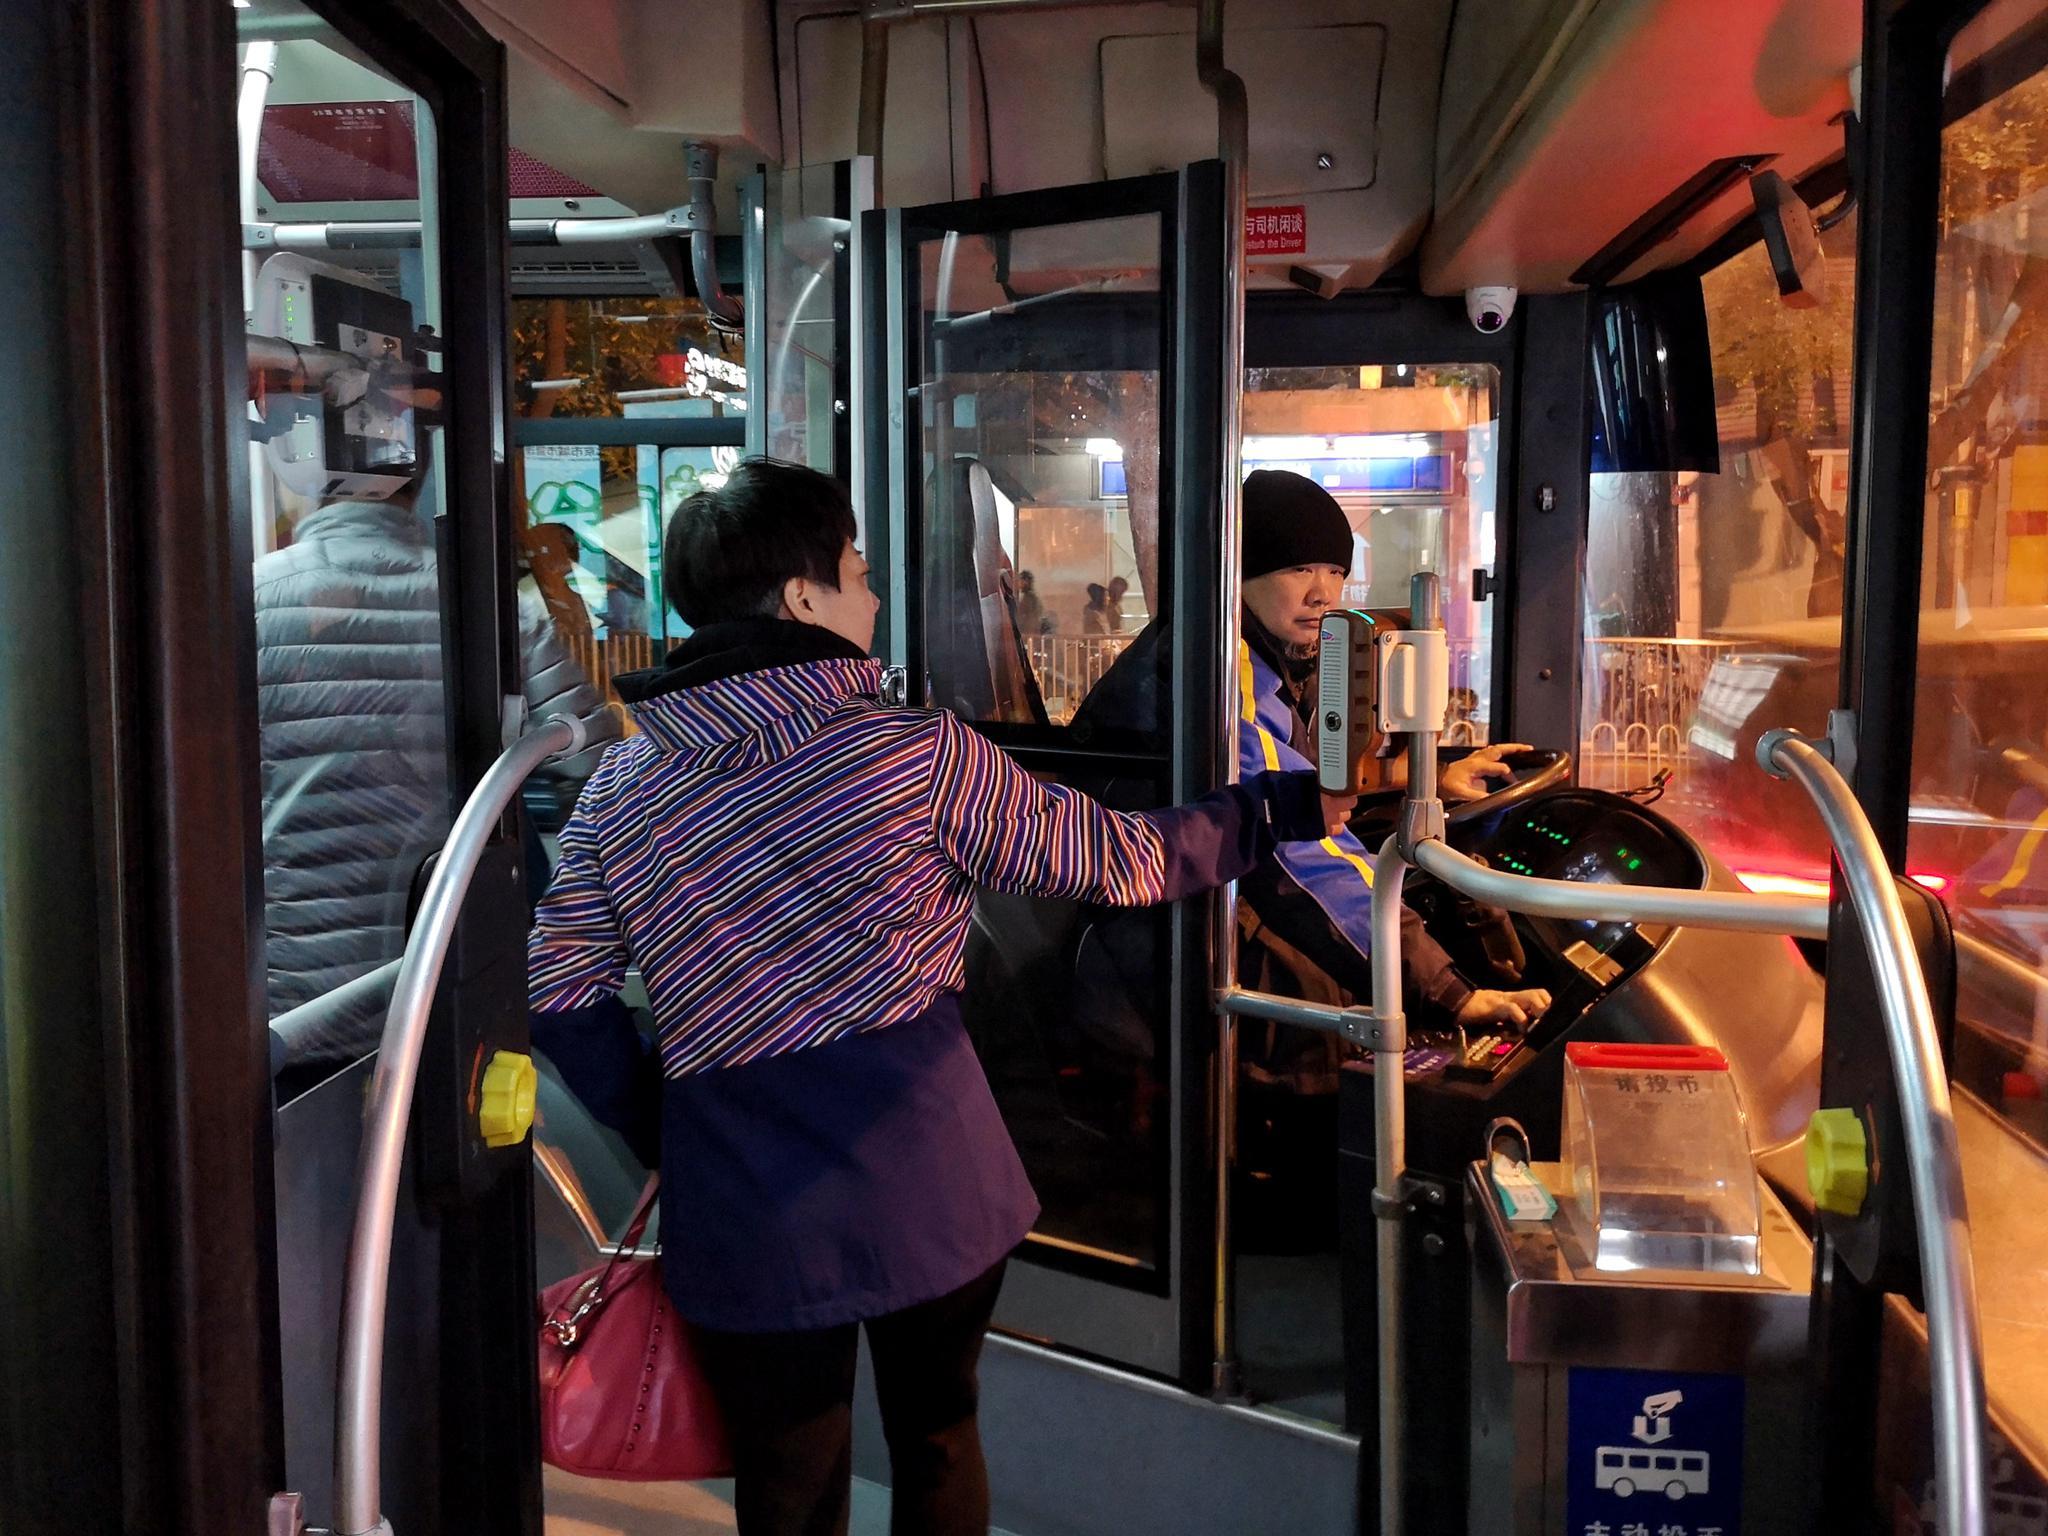 北京公交集团此前透露,北京70%以上的公交车设有安全隔离门。新京报记者 裴剑飞 摄